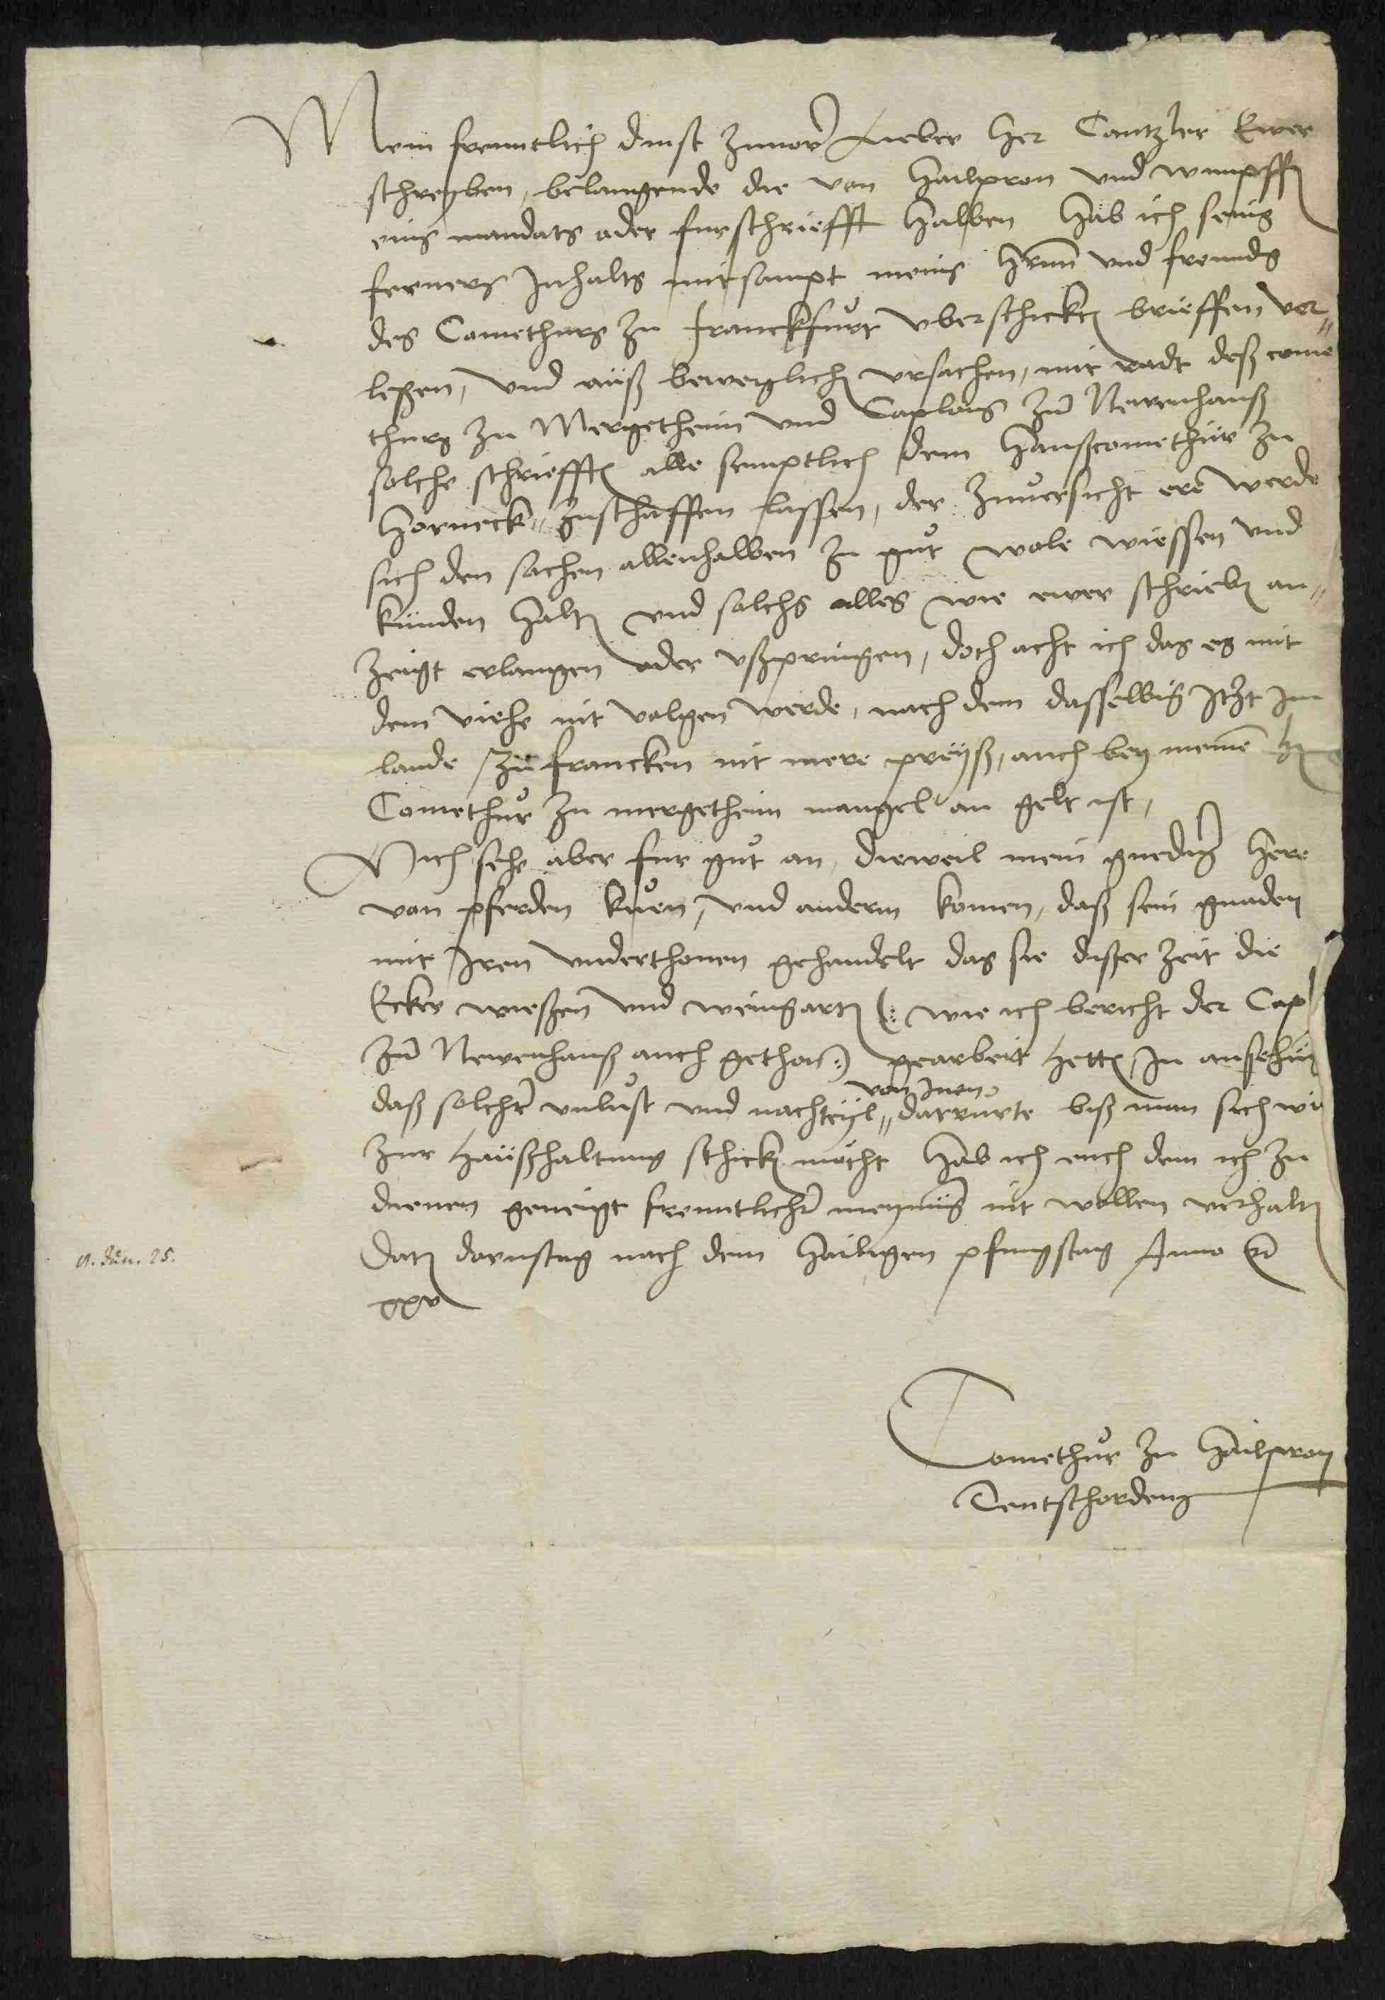 Der vom Deutschen Orden angestrebte Entschädigungsprozess gegen die Reichsstadt Heilbronn, 1525-1566, Bild 2